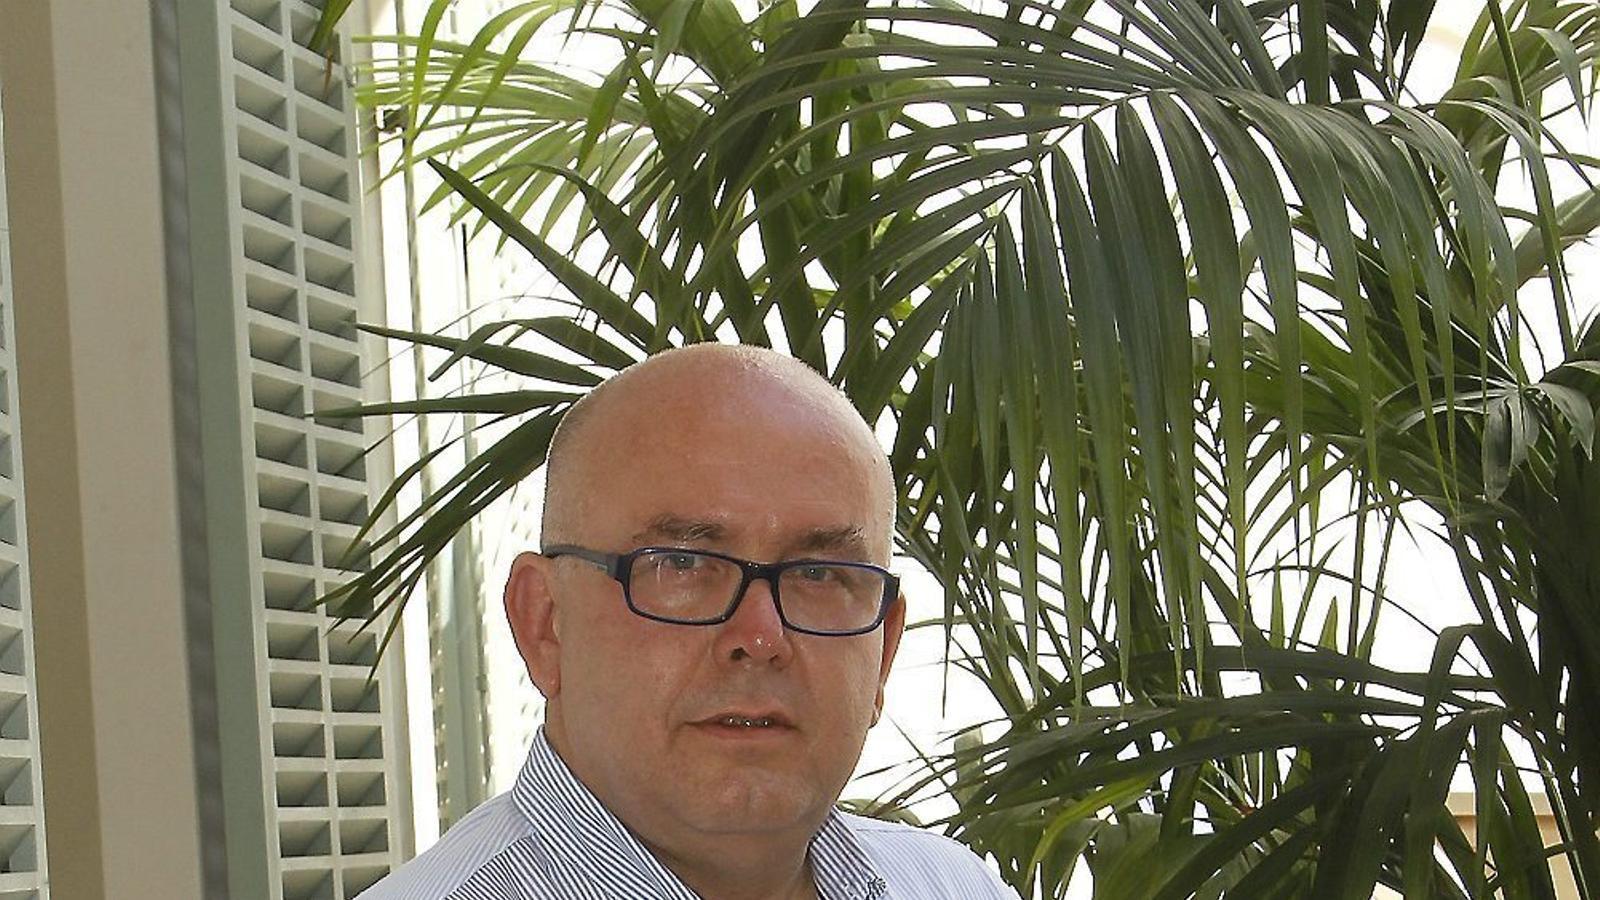 Gonzalo Boye va assistir a Palma a l'estrena mundial de Boye, un documental dirigit per Sebastián Arabia sobre la seva vida.